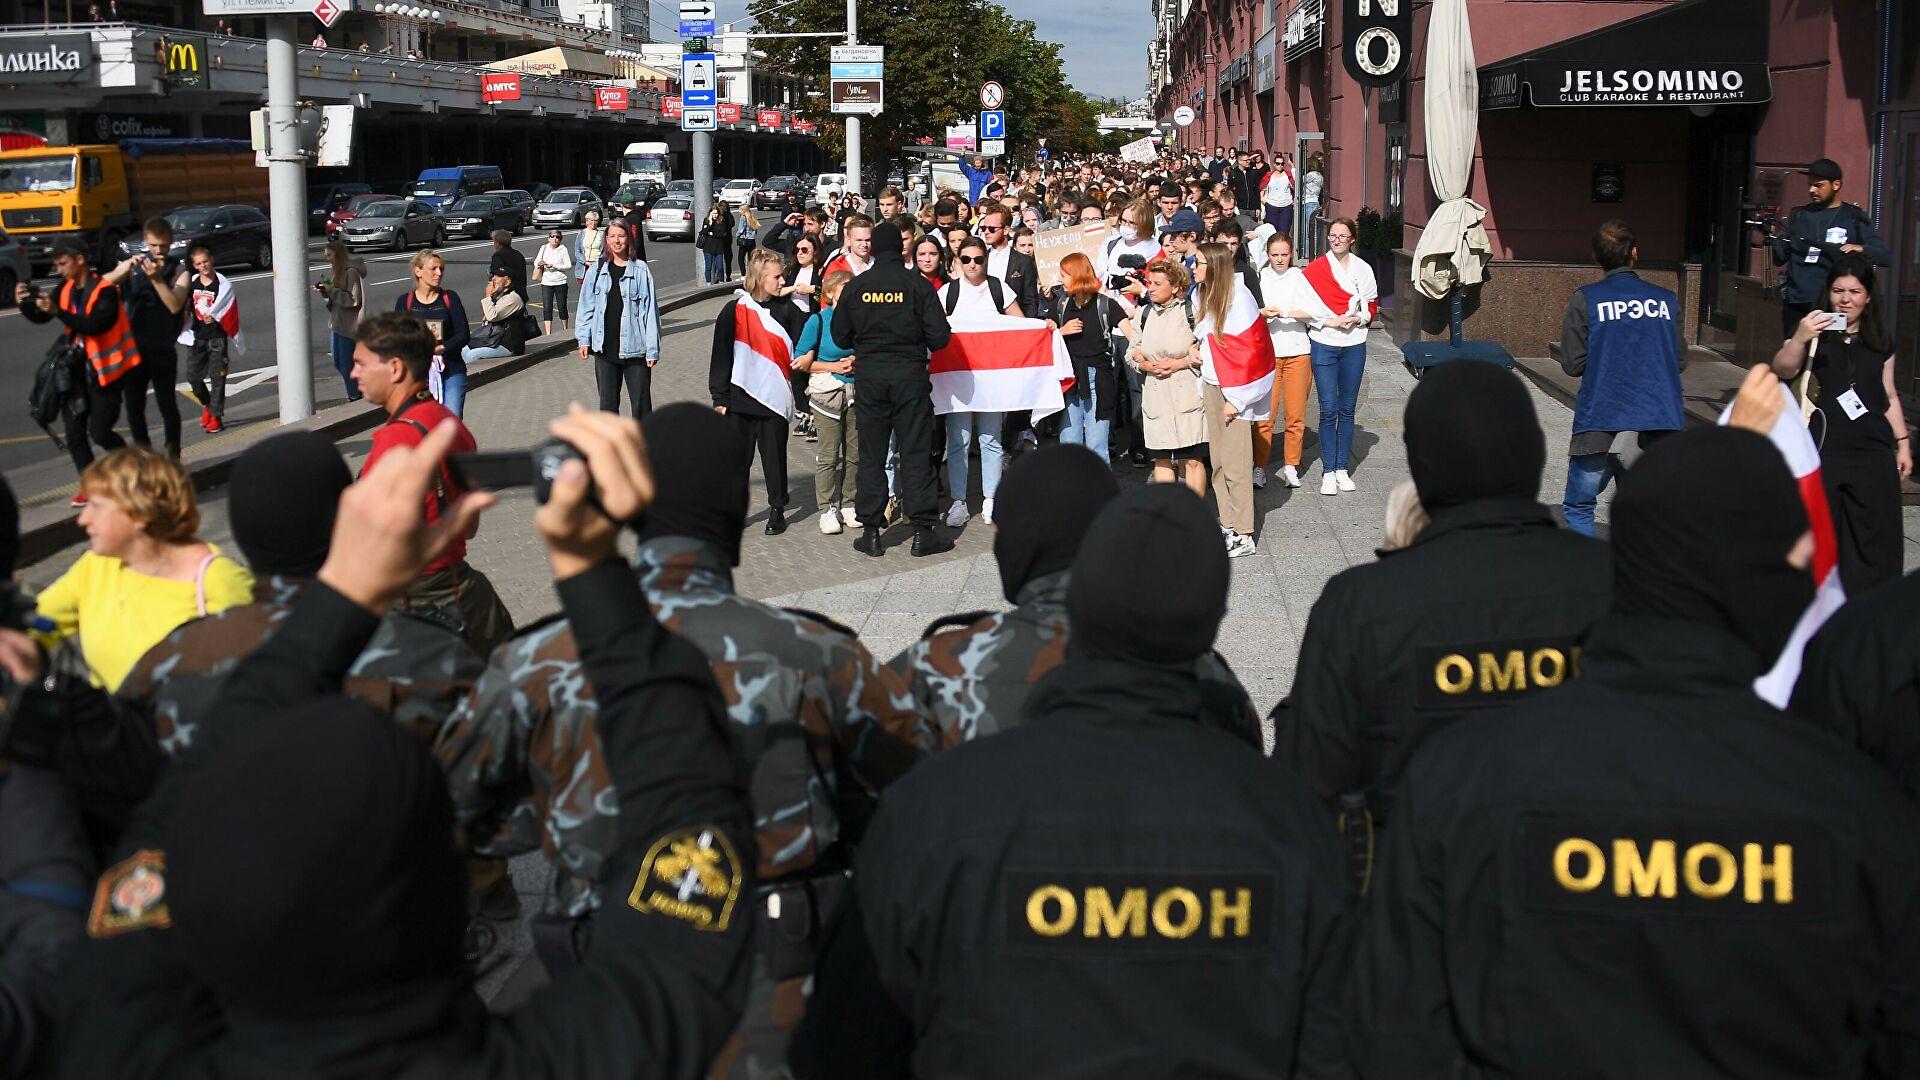 Студенты и ОМОН. Минск, 1 сентября 2020. Фото: Гугл.